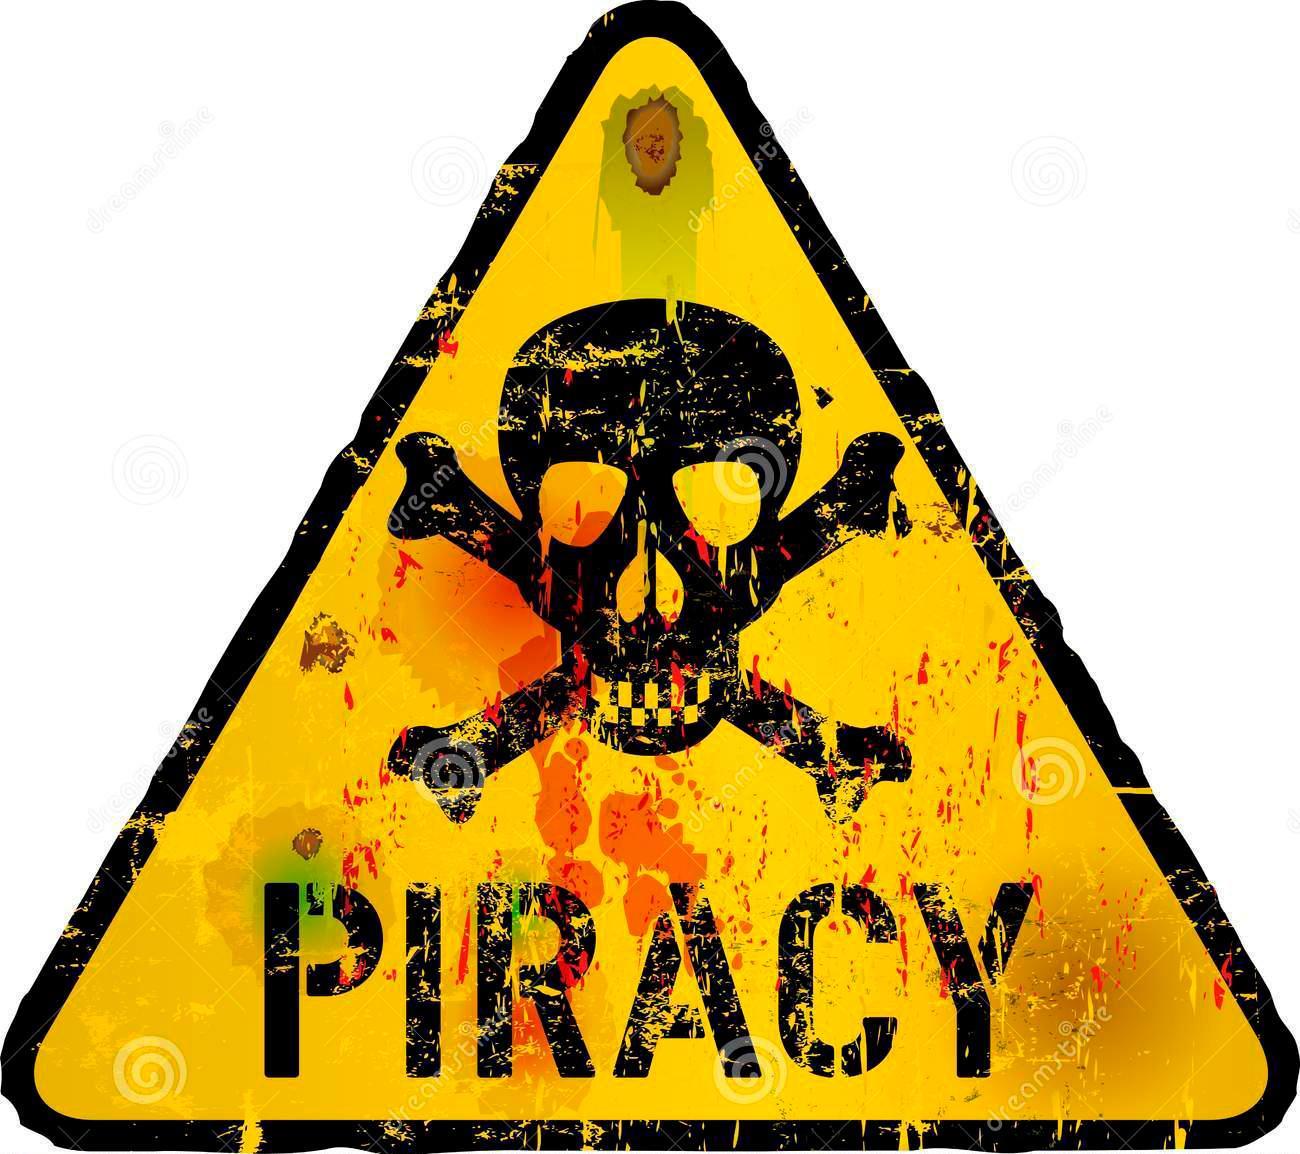 La Pirater 237 A Ya Es Algo Demasiado Sencillo 191 Puede Esto